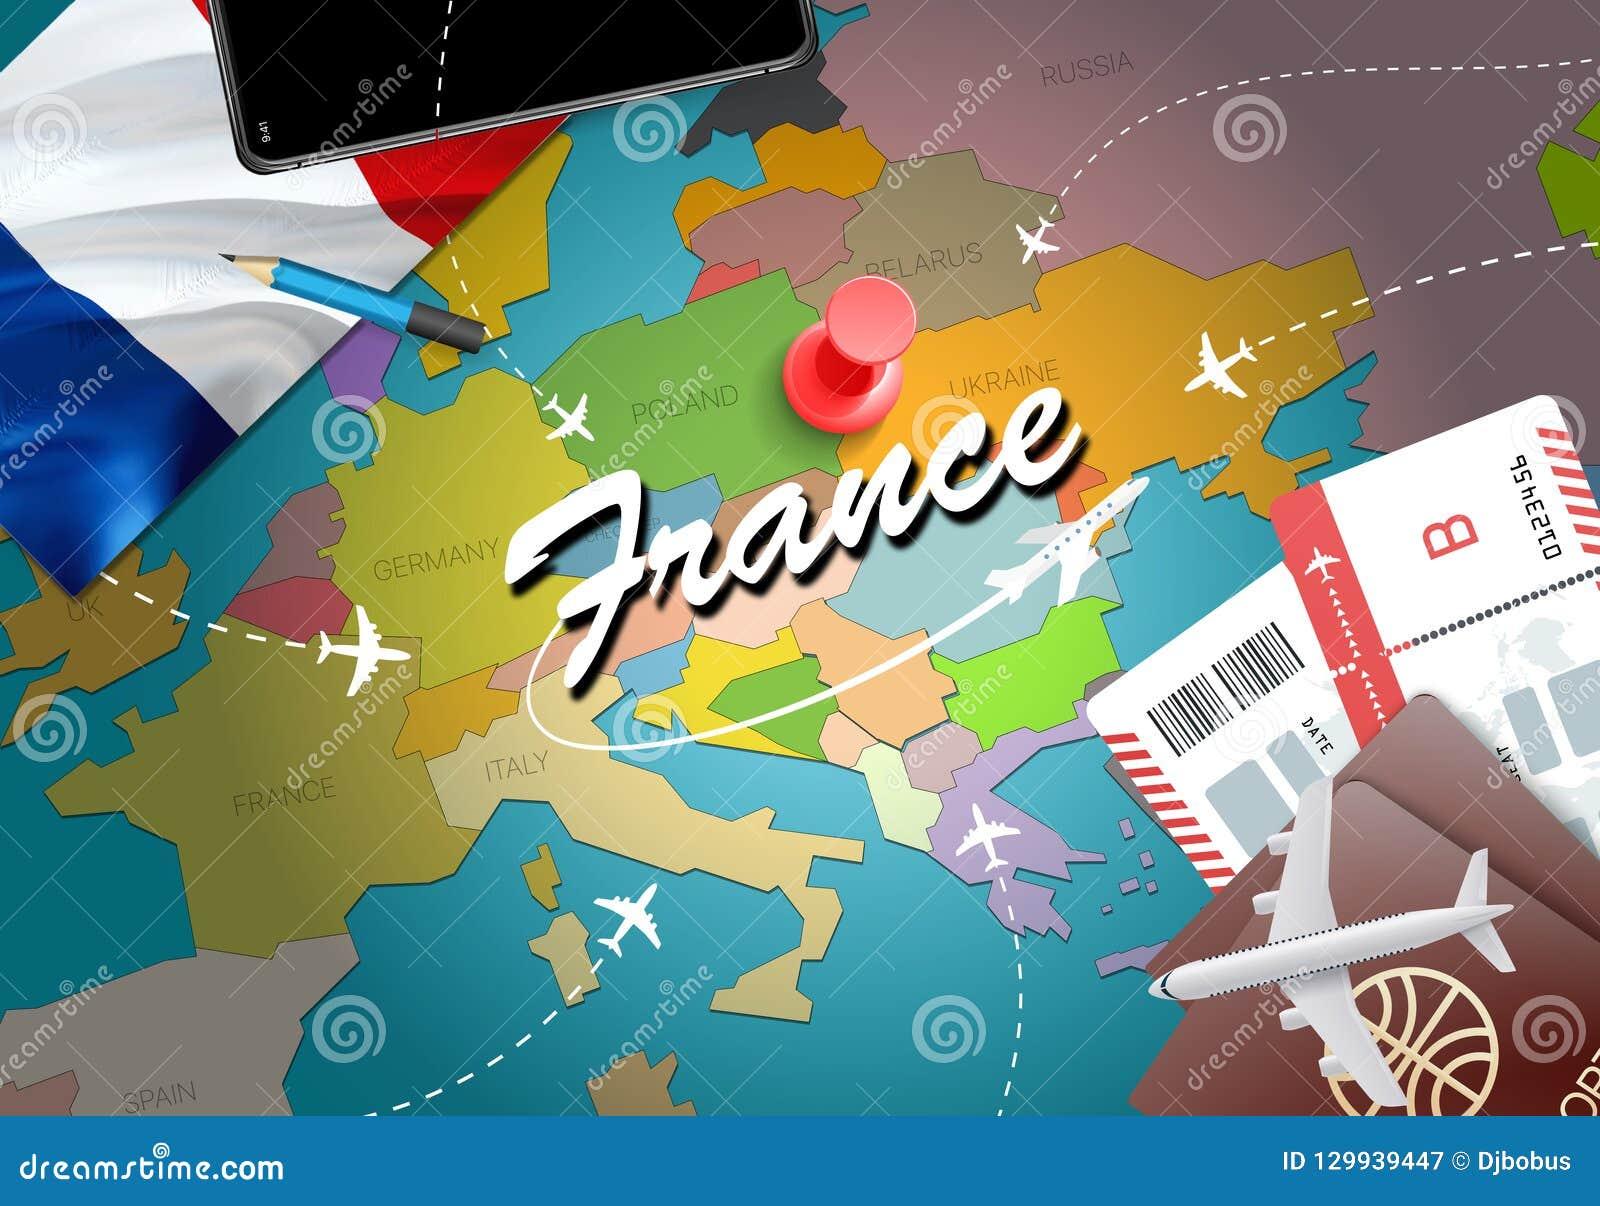 Mapa Turistico De Francia.Fondo Del Mapa Del Concepto Del Viaje De Francia Con Los